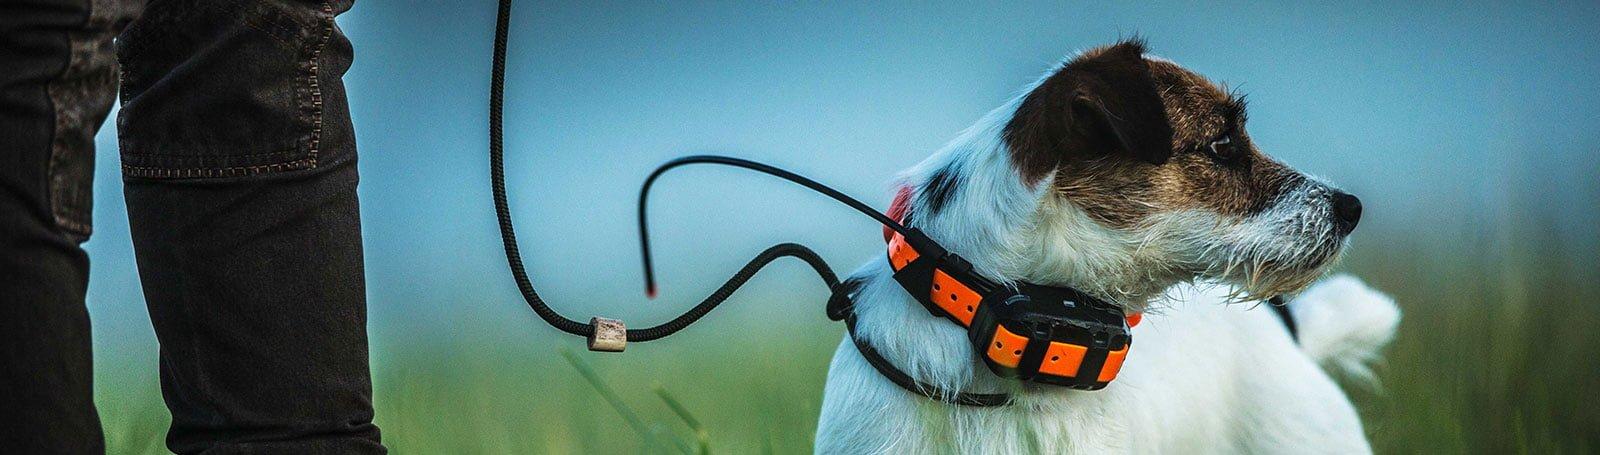 Rase de câini în competiție